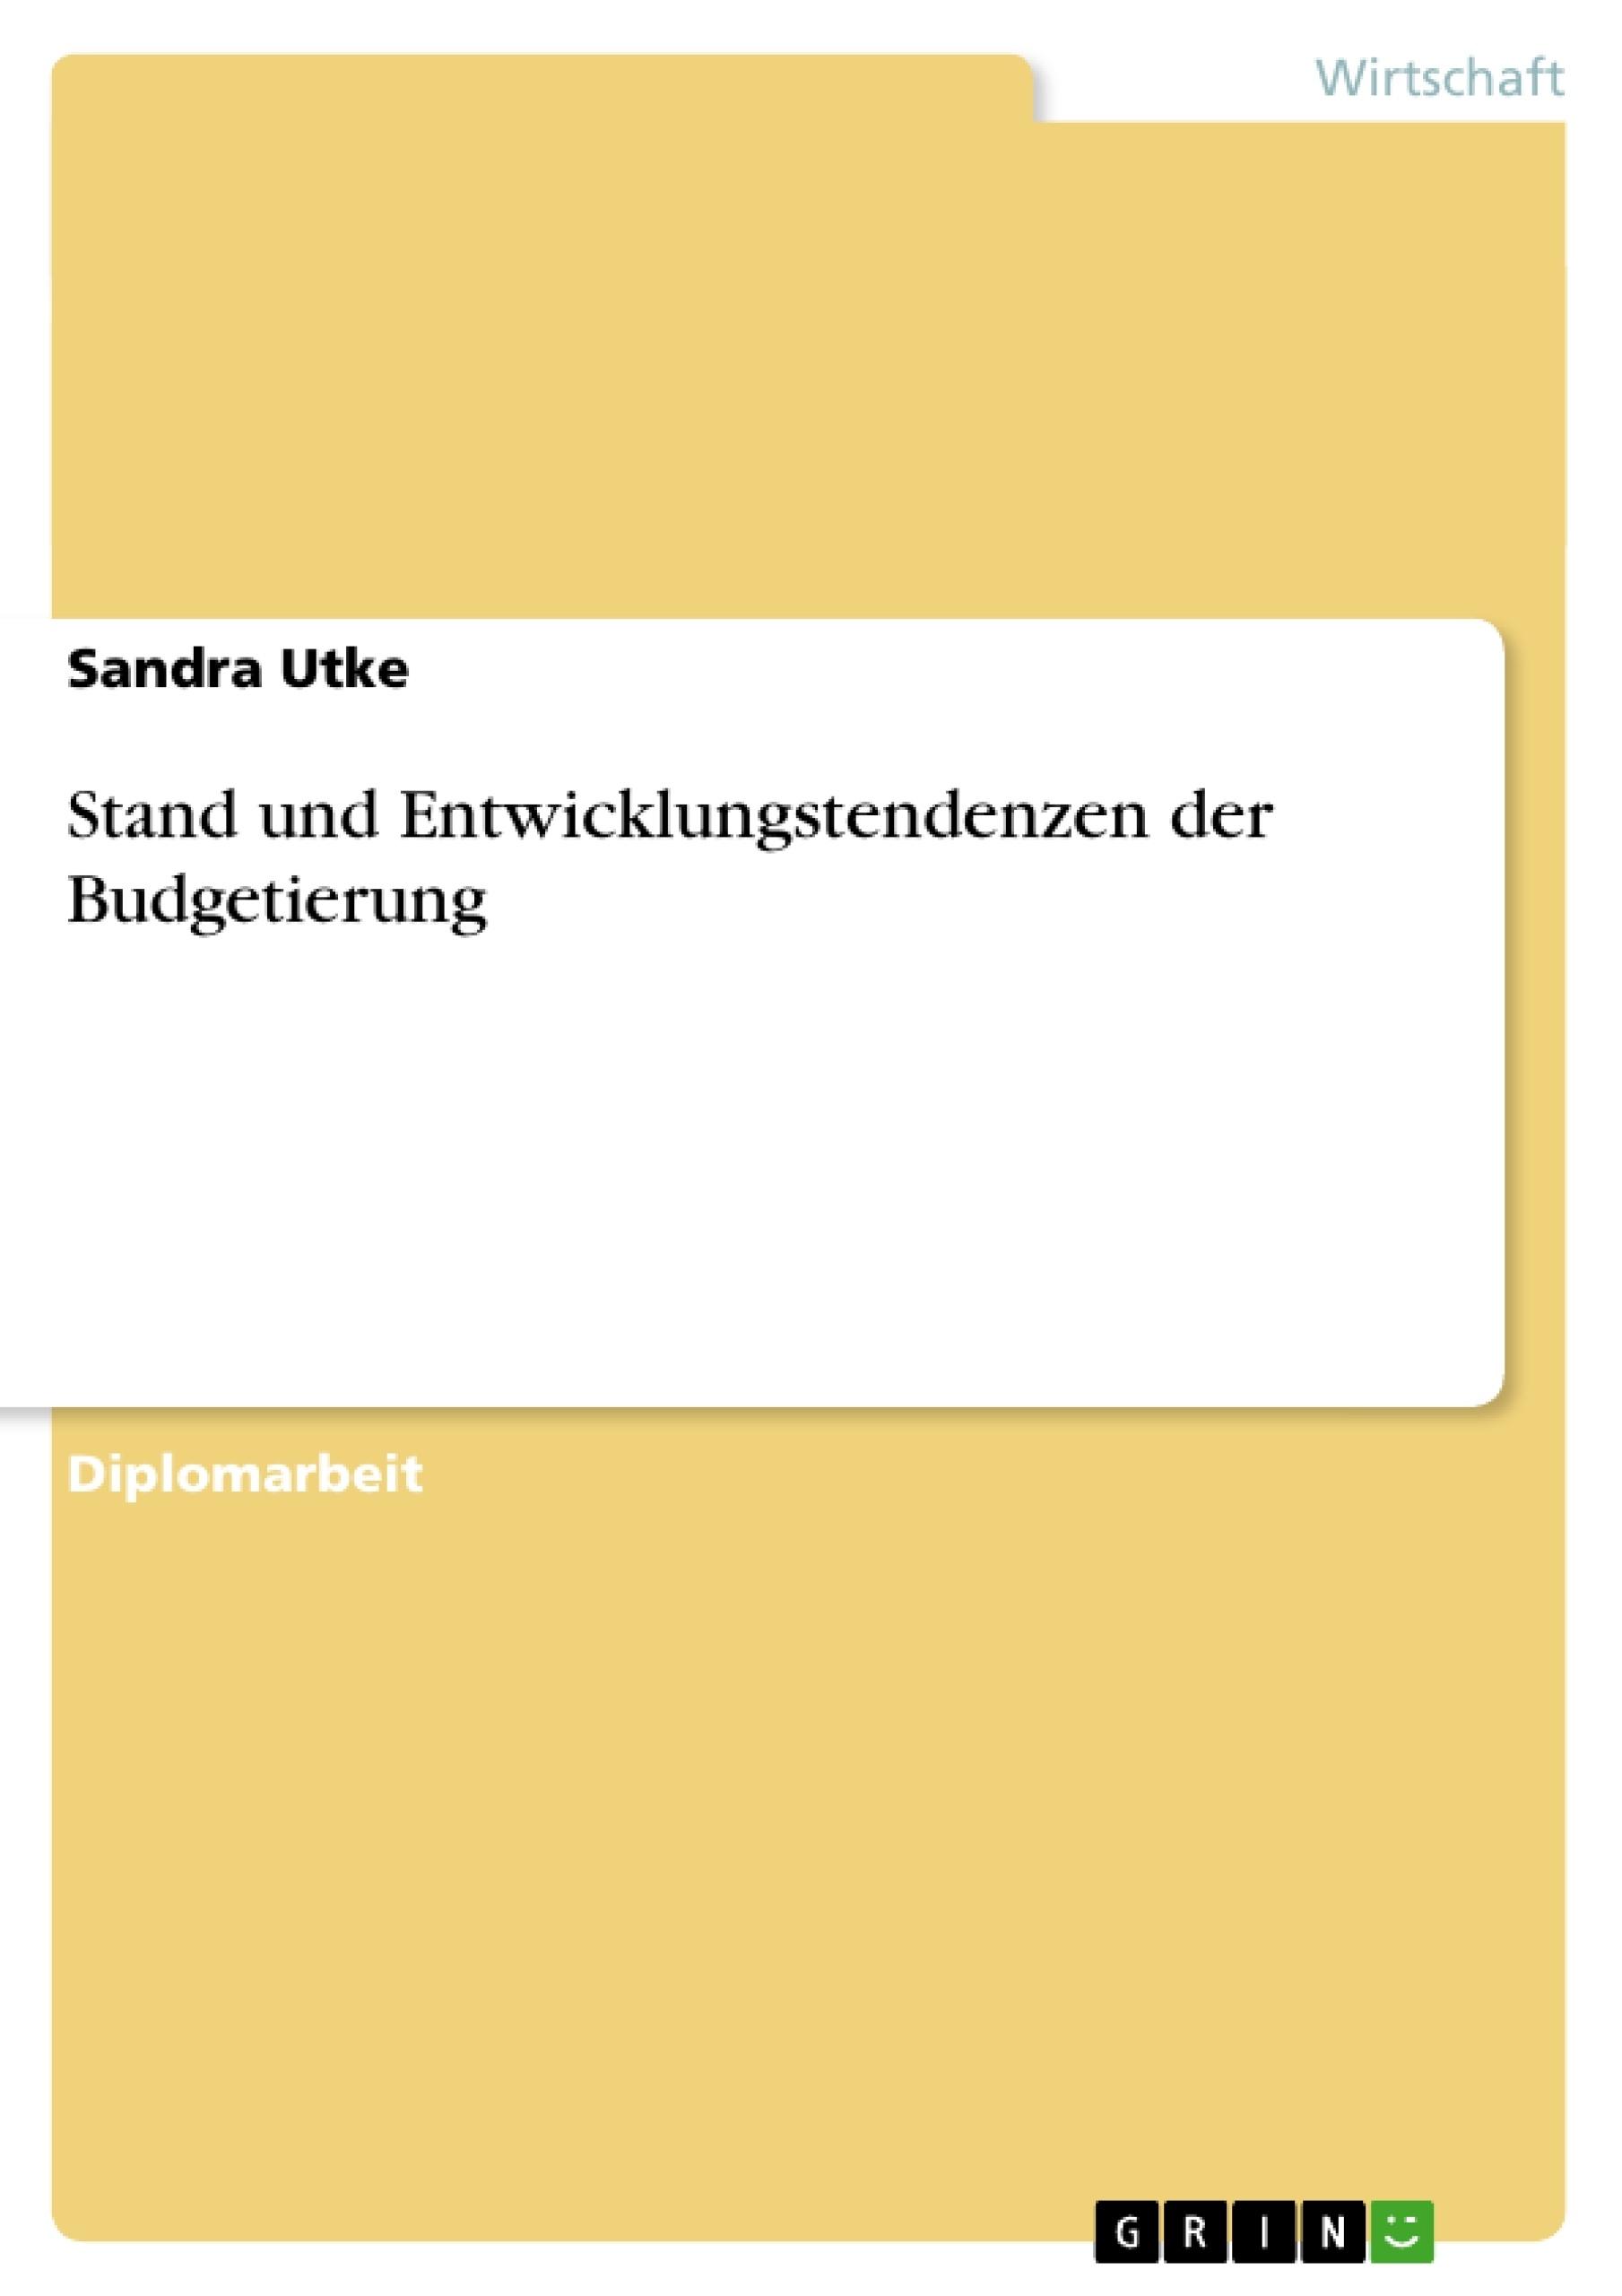 Titel: Stand und Entwicklungstendenzen der Budgetierung